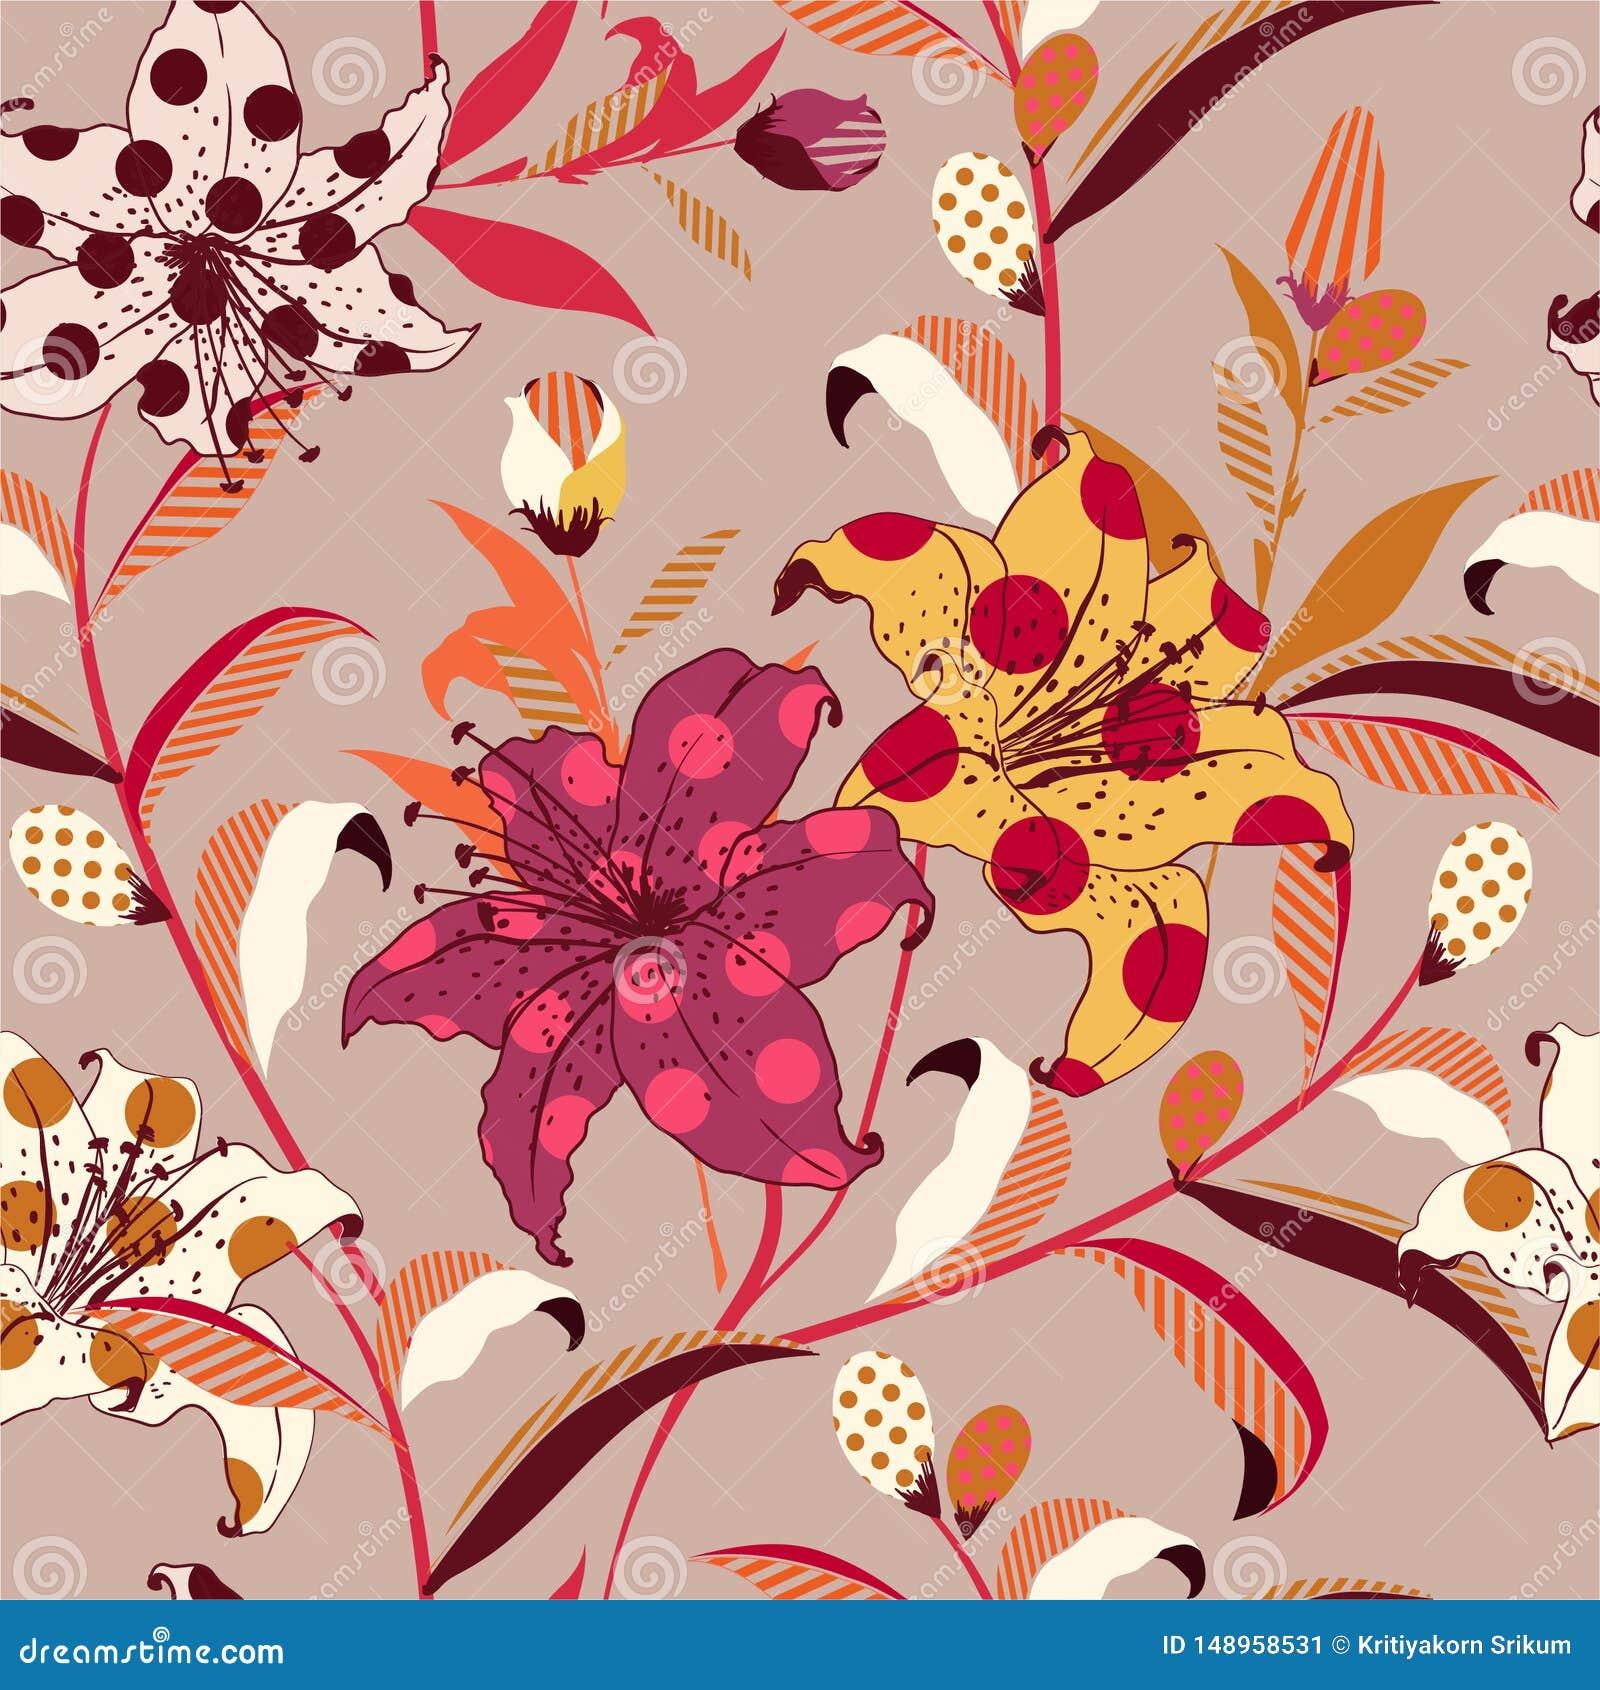 Αναδρομικό καθιερώνον τη μόδα διανυσματικό floral άνευ ραφής σχέδιο στο ζωηρόχρωμο λαϊκό ύφος τέχνης αφθονία-μέσα με το σημείο Πό